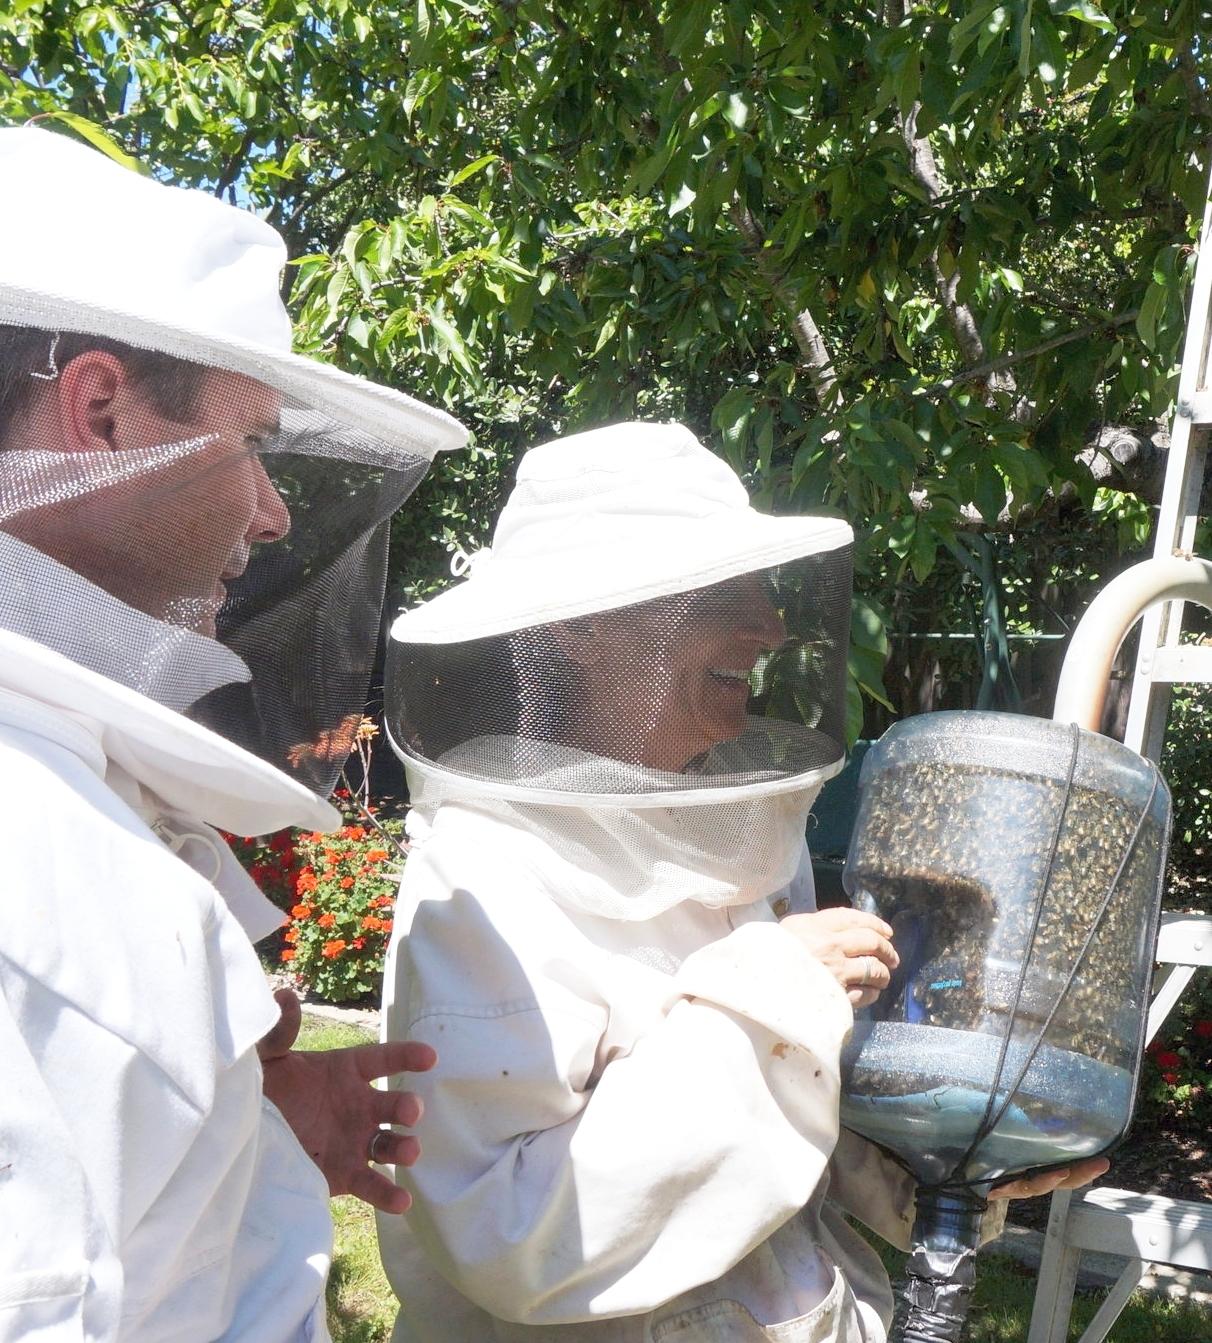 Modern Hive + GirlzWurk Bee Rescue